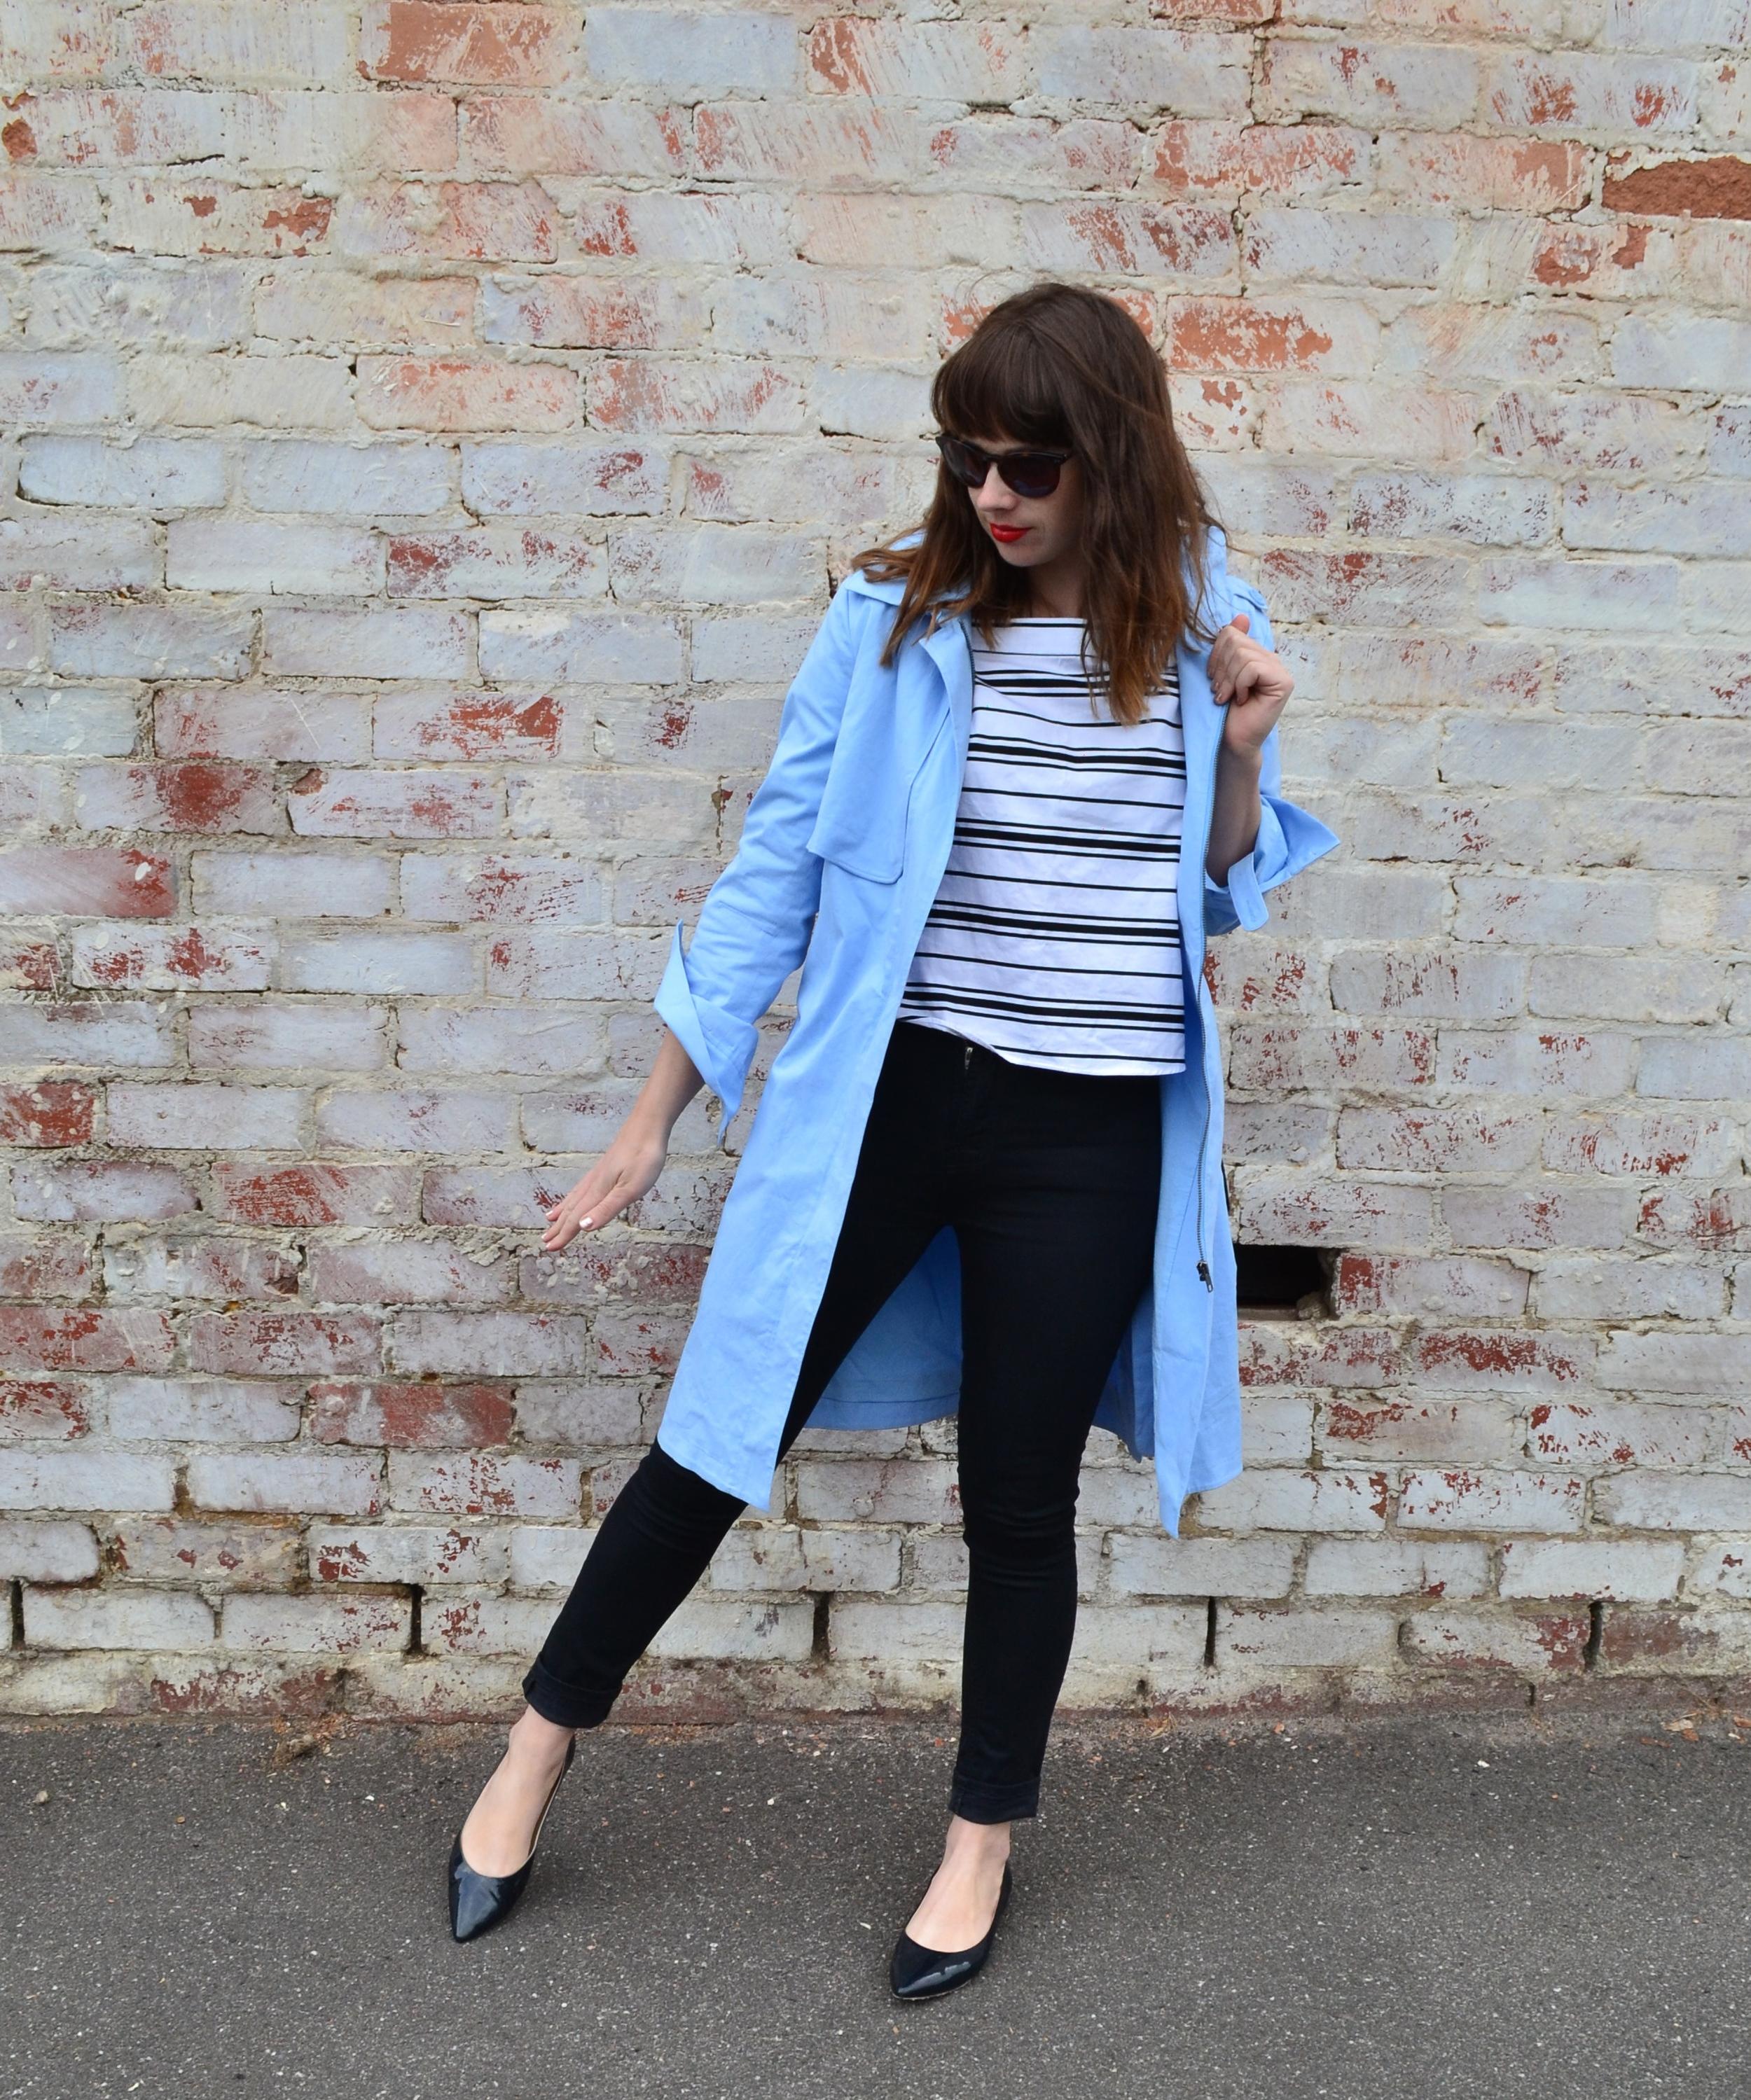 black-nudie-jeans-blue-duster-coat